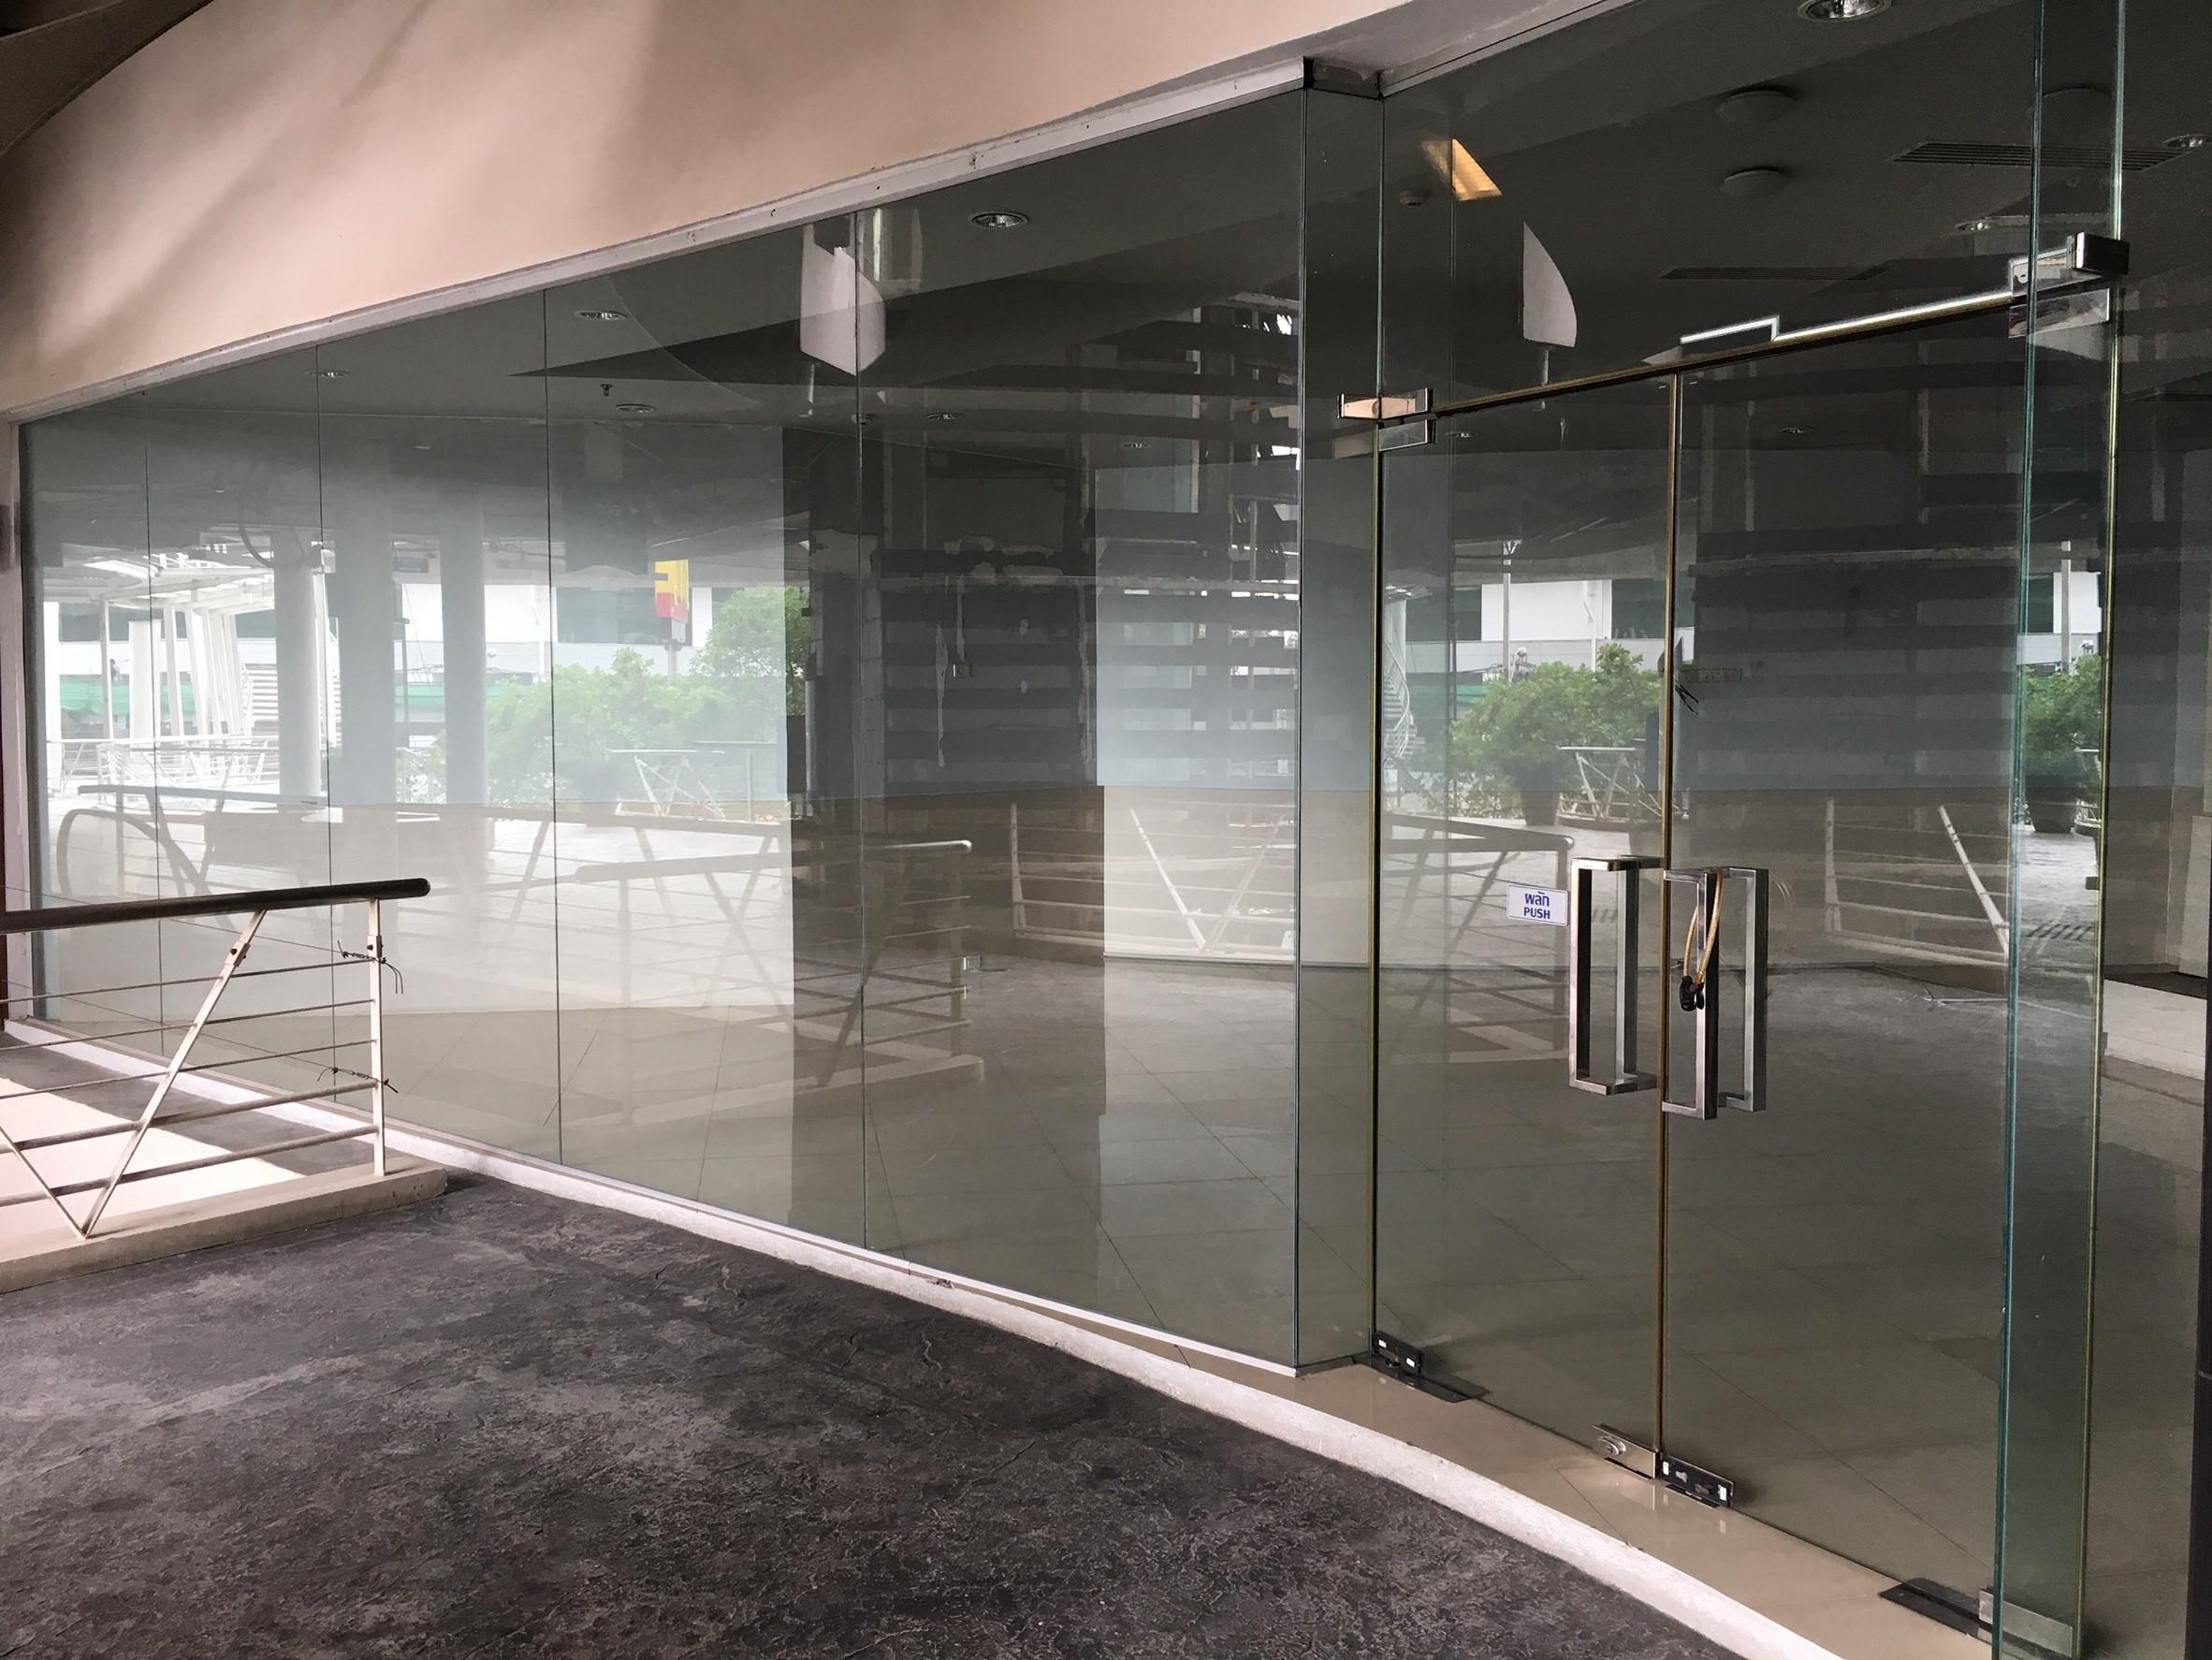 พื้นที่ร้านค้าให้เช่าตกแต่งครบขนาด 103.51 ตารางเมตร